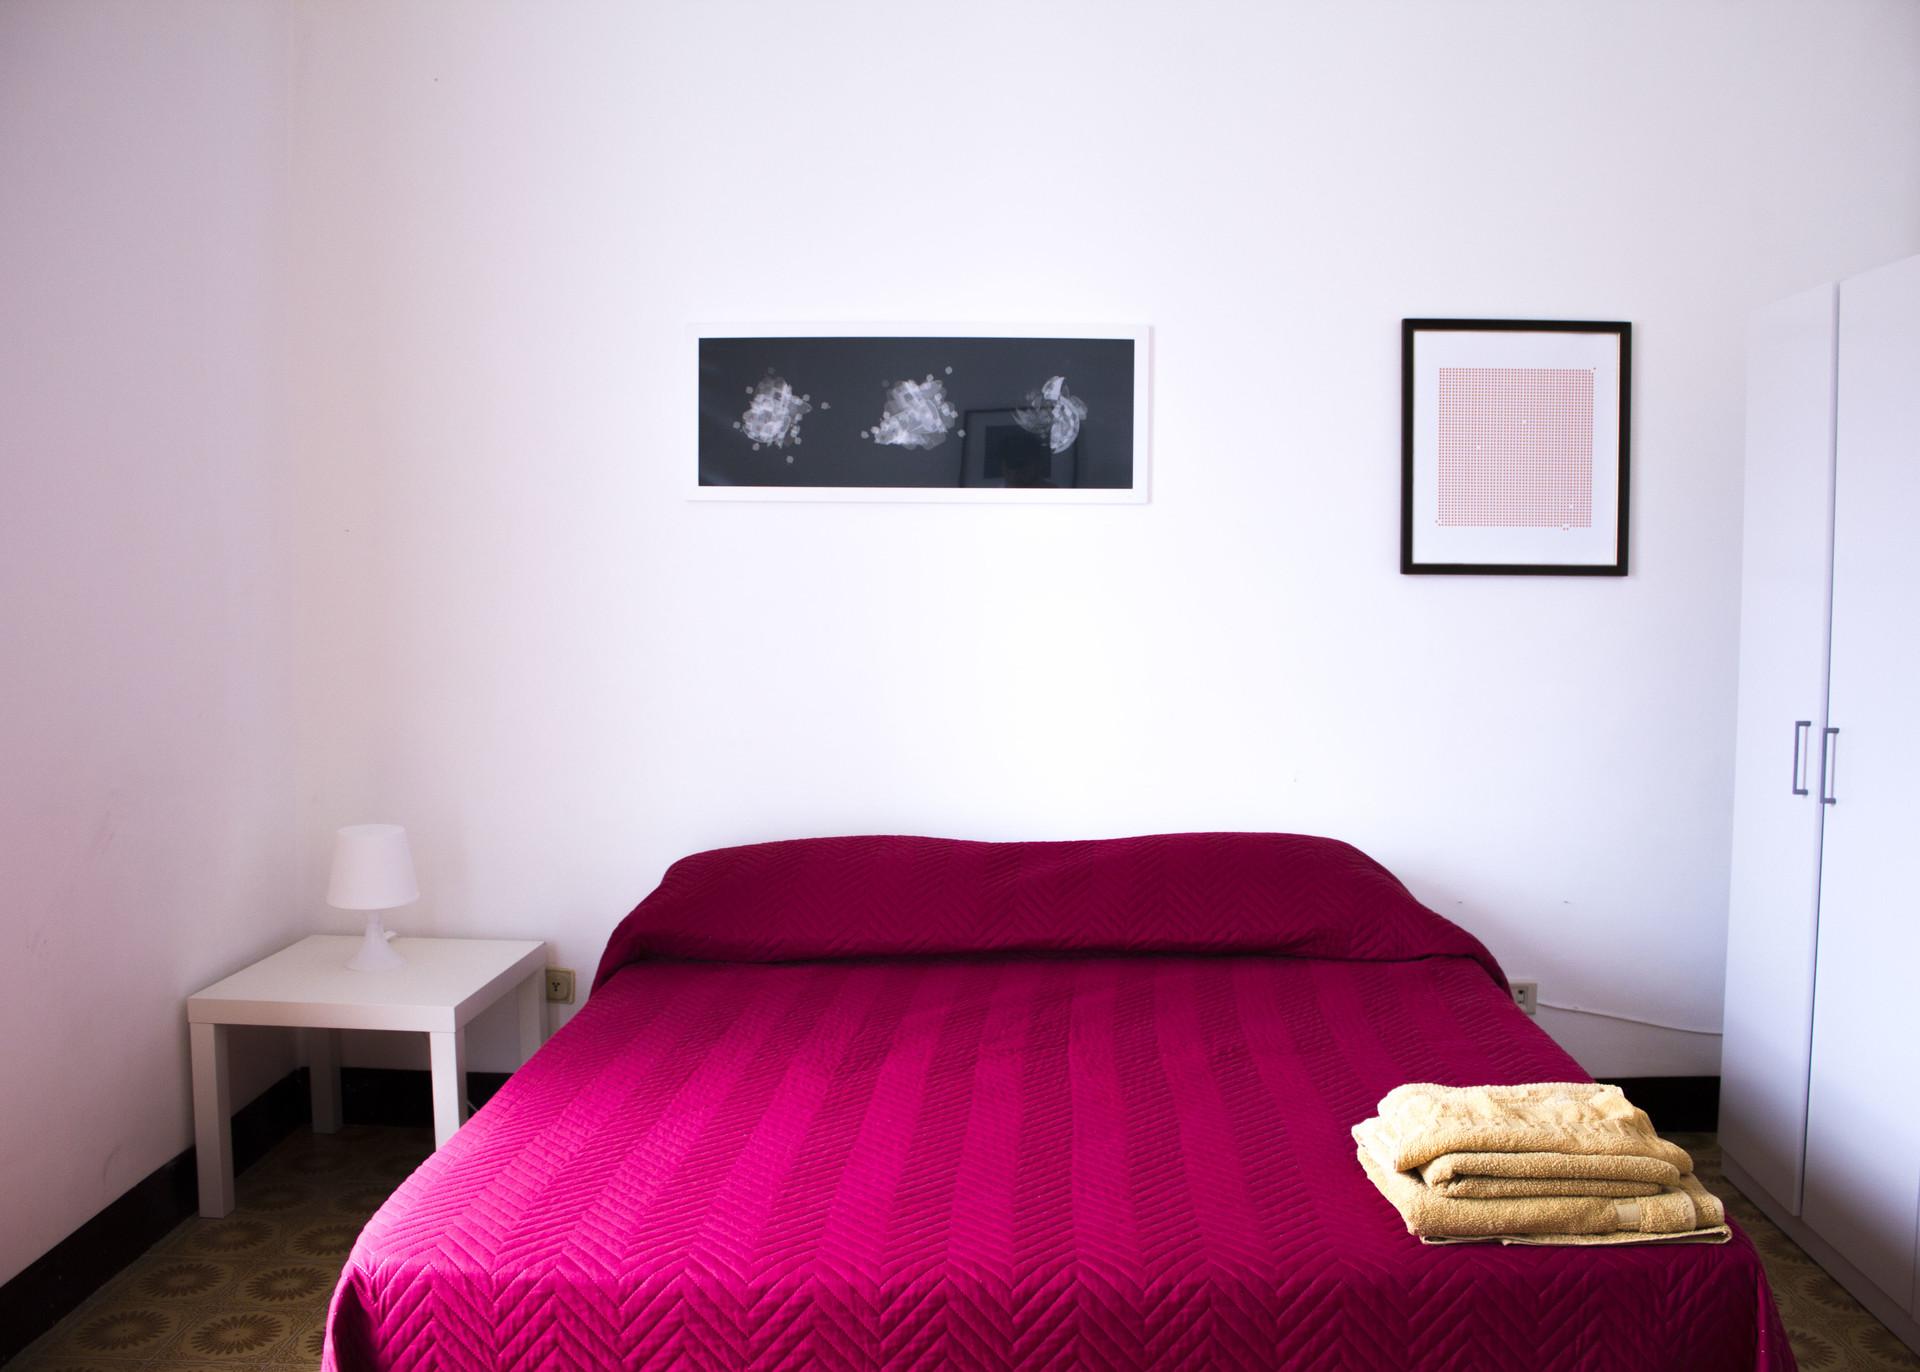 city-centre-doubletwin-ac-room-historic-palazzo-ce5290a241e448c7cc1e0b38e768a869